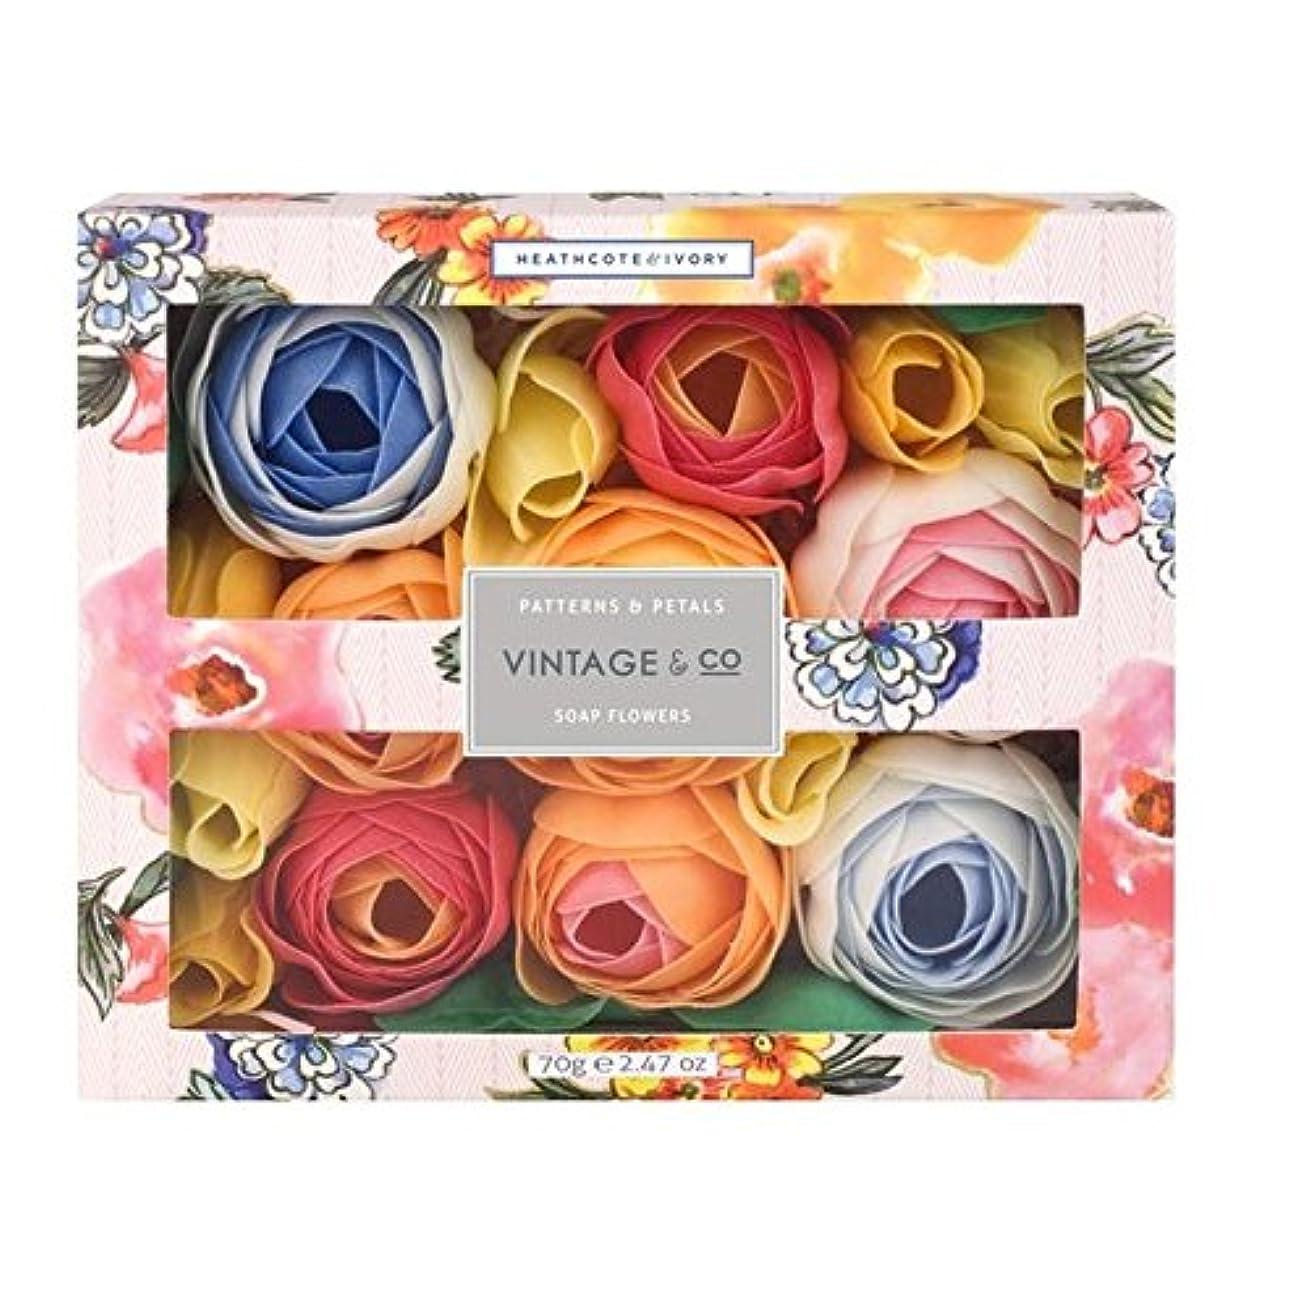 ビートようこそ最初はHeathcote & Ivory Patterns & Petals Soap Flowers 70g (Pack of 6) - ヒースコート&アイボリーパターン&花びら石鹸の花70グラム x6 [並行輸入品]